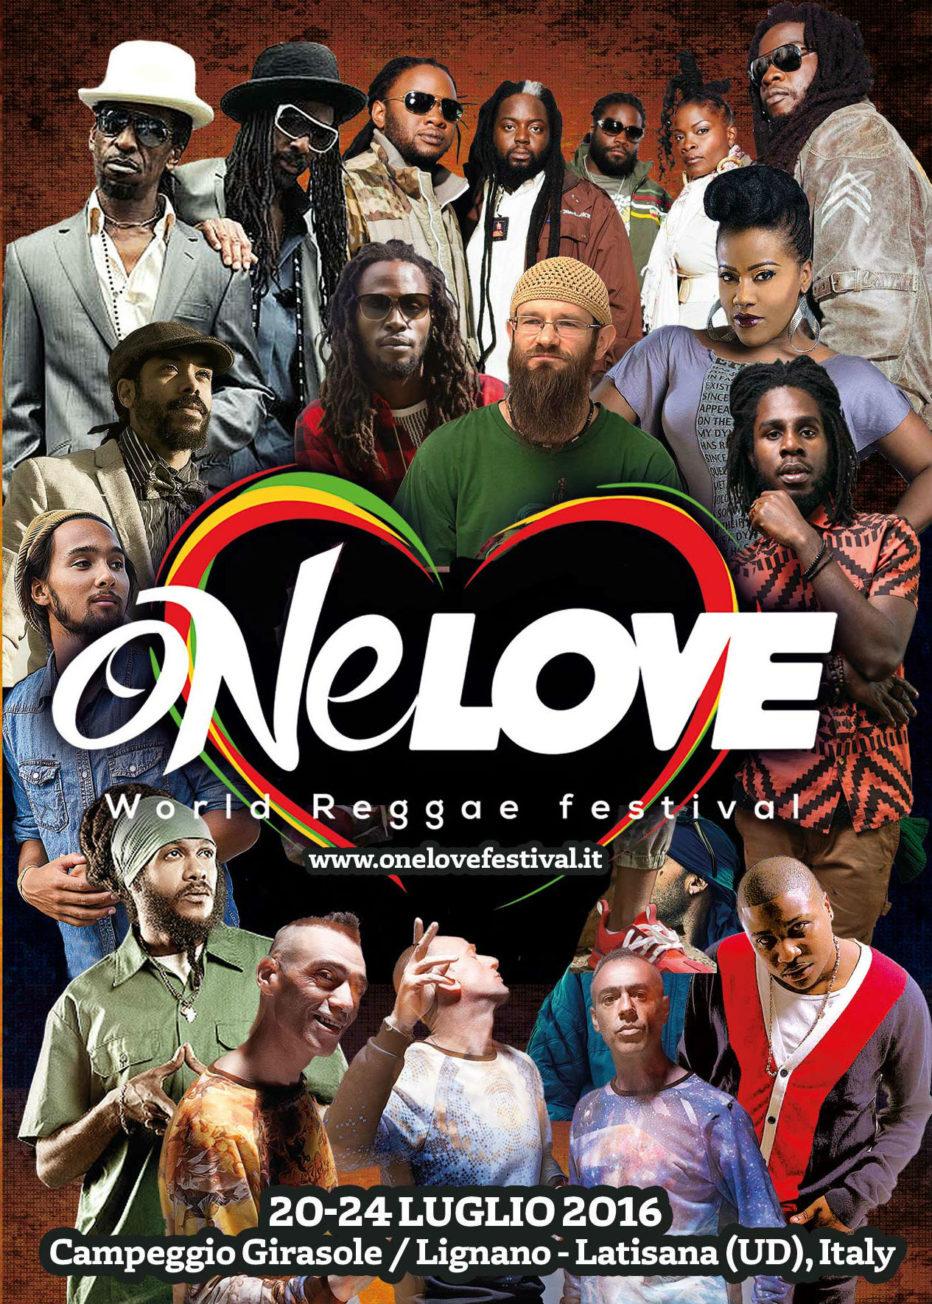 One Love Reggae World Festival 20-24 luglio, Lignano (UD): intervista a Nicola Gemignani, responsabile della comunicazione.